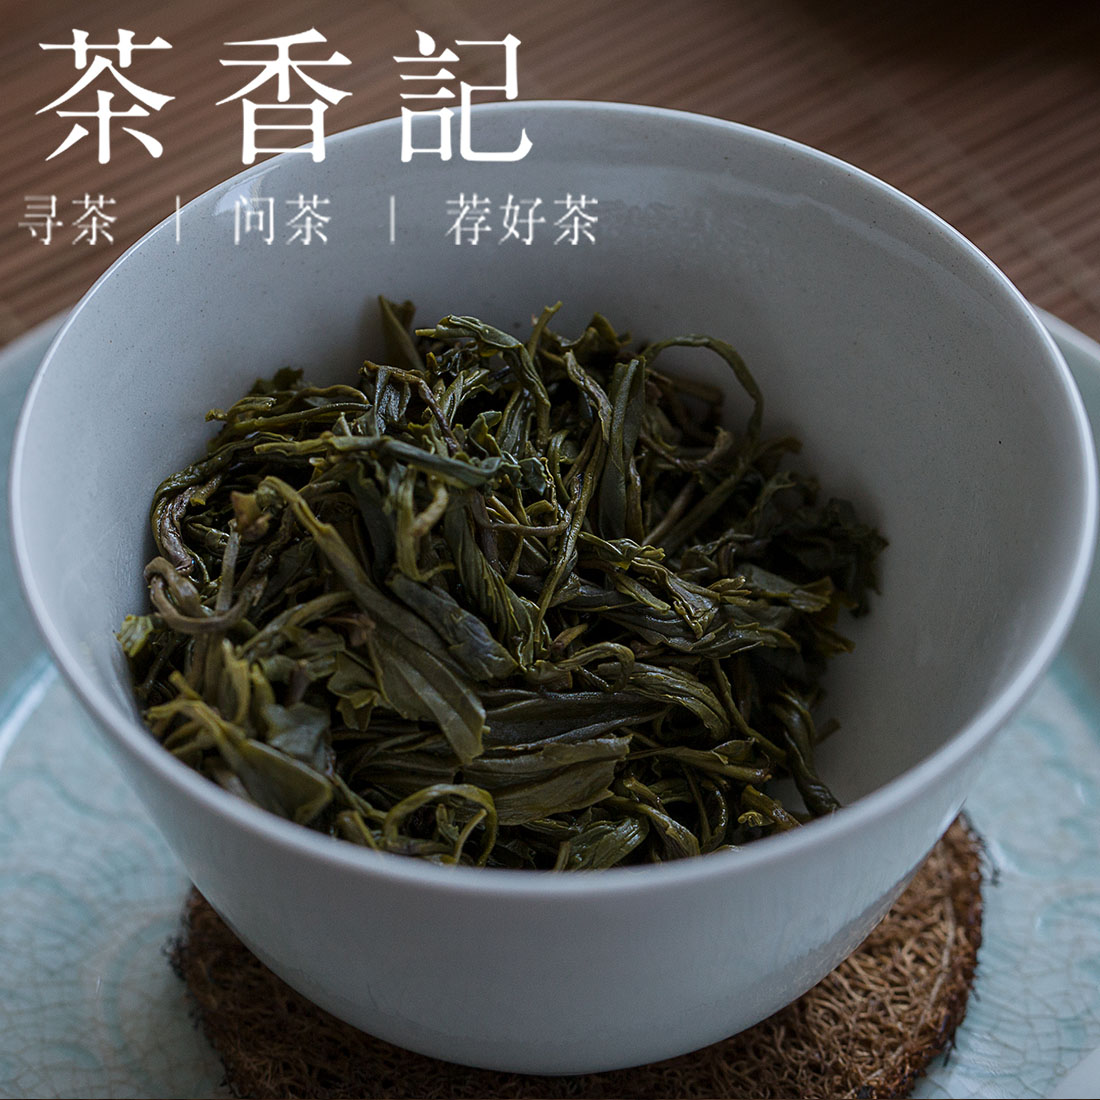 实惠 果豆香 玉米香 焖黄工艺 安徽霍山 年 2018 霍山黄茶 茶香记